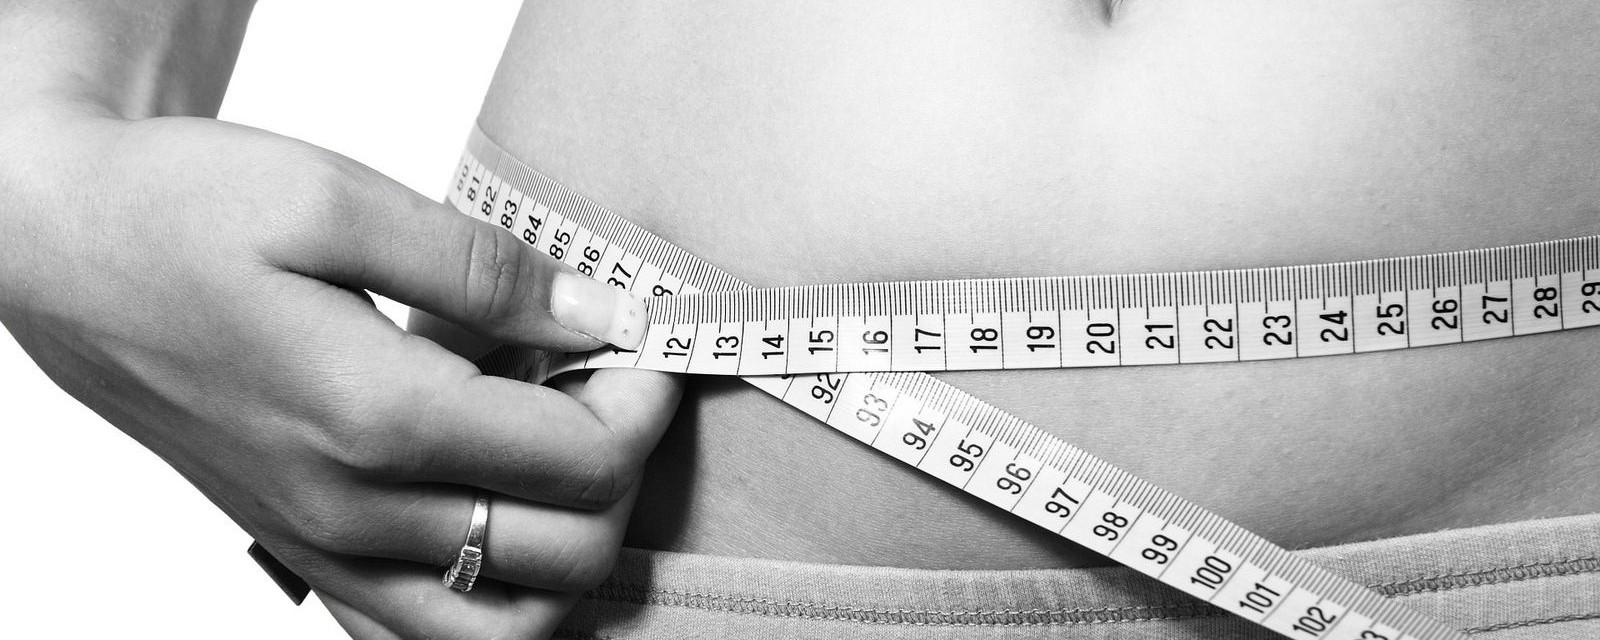 Pierdere în greutate diaz mat